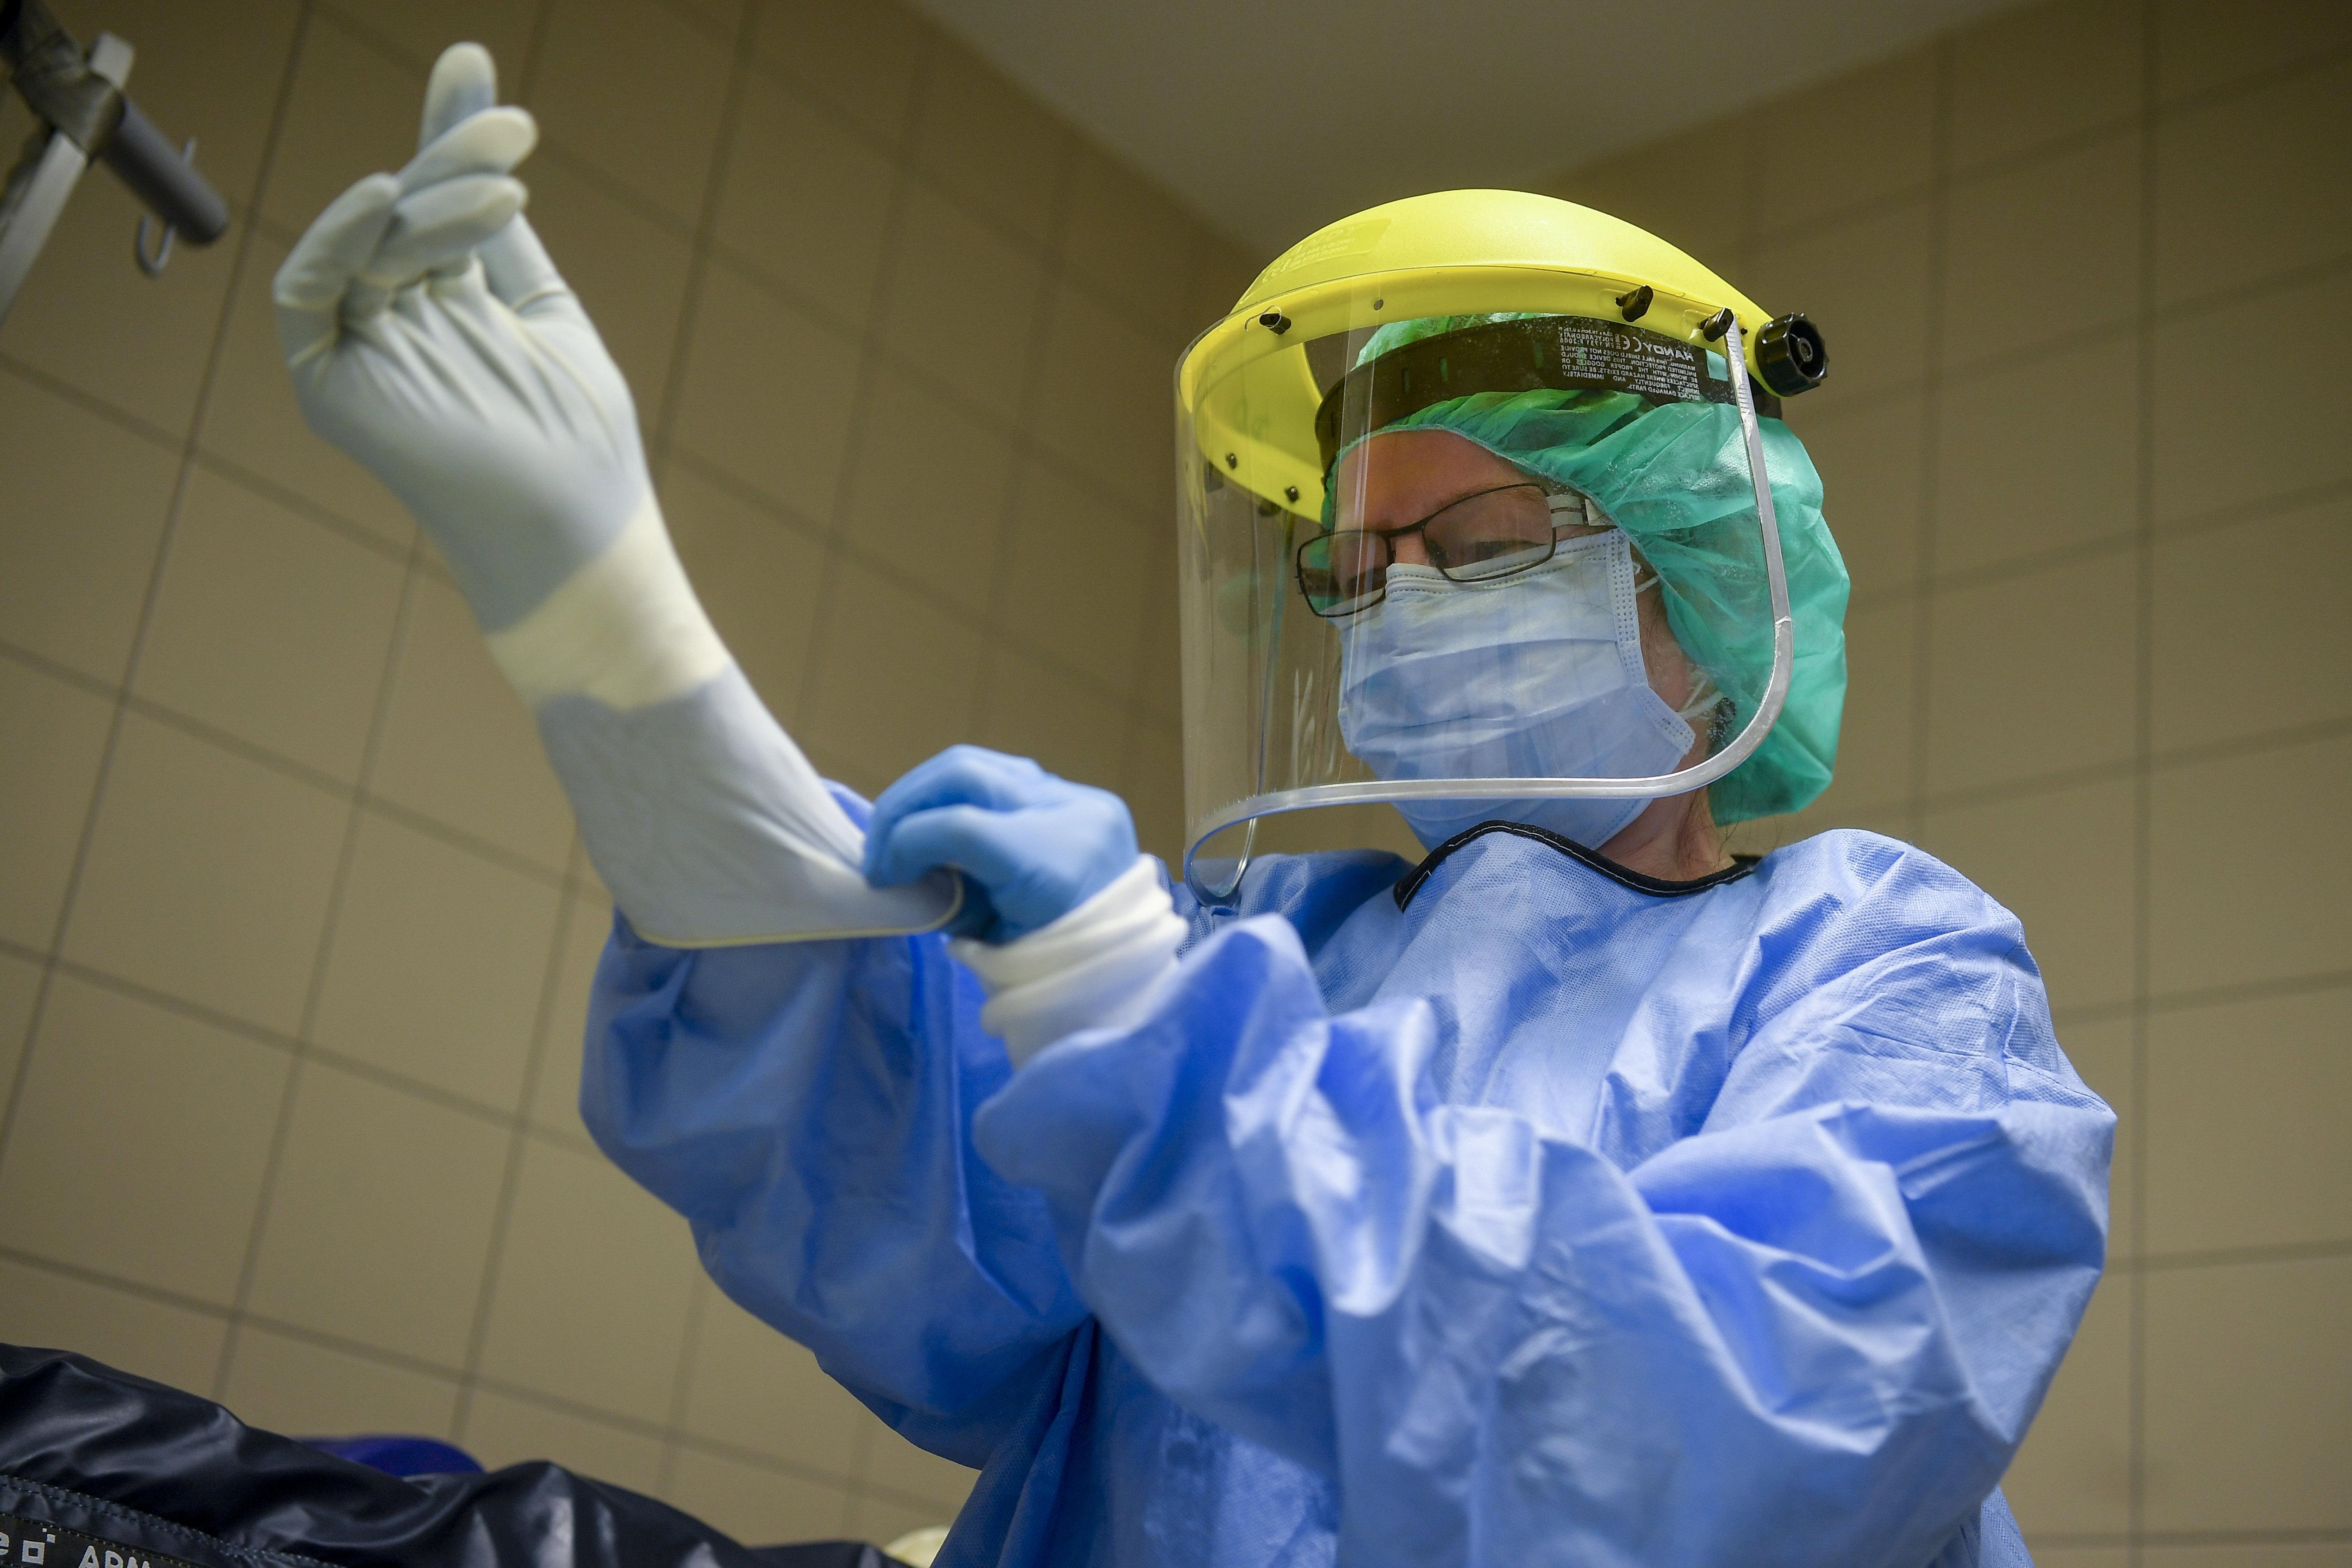 Koronavírussal fertőződött több debreceni védőnő